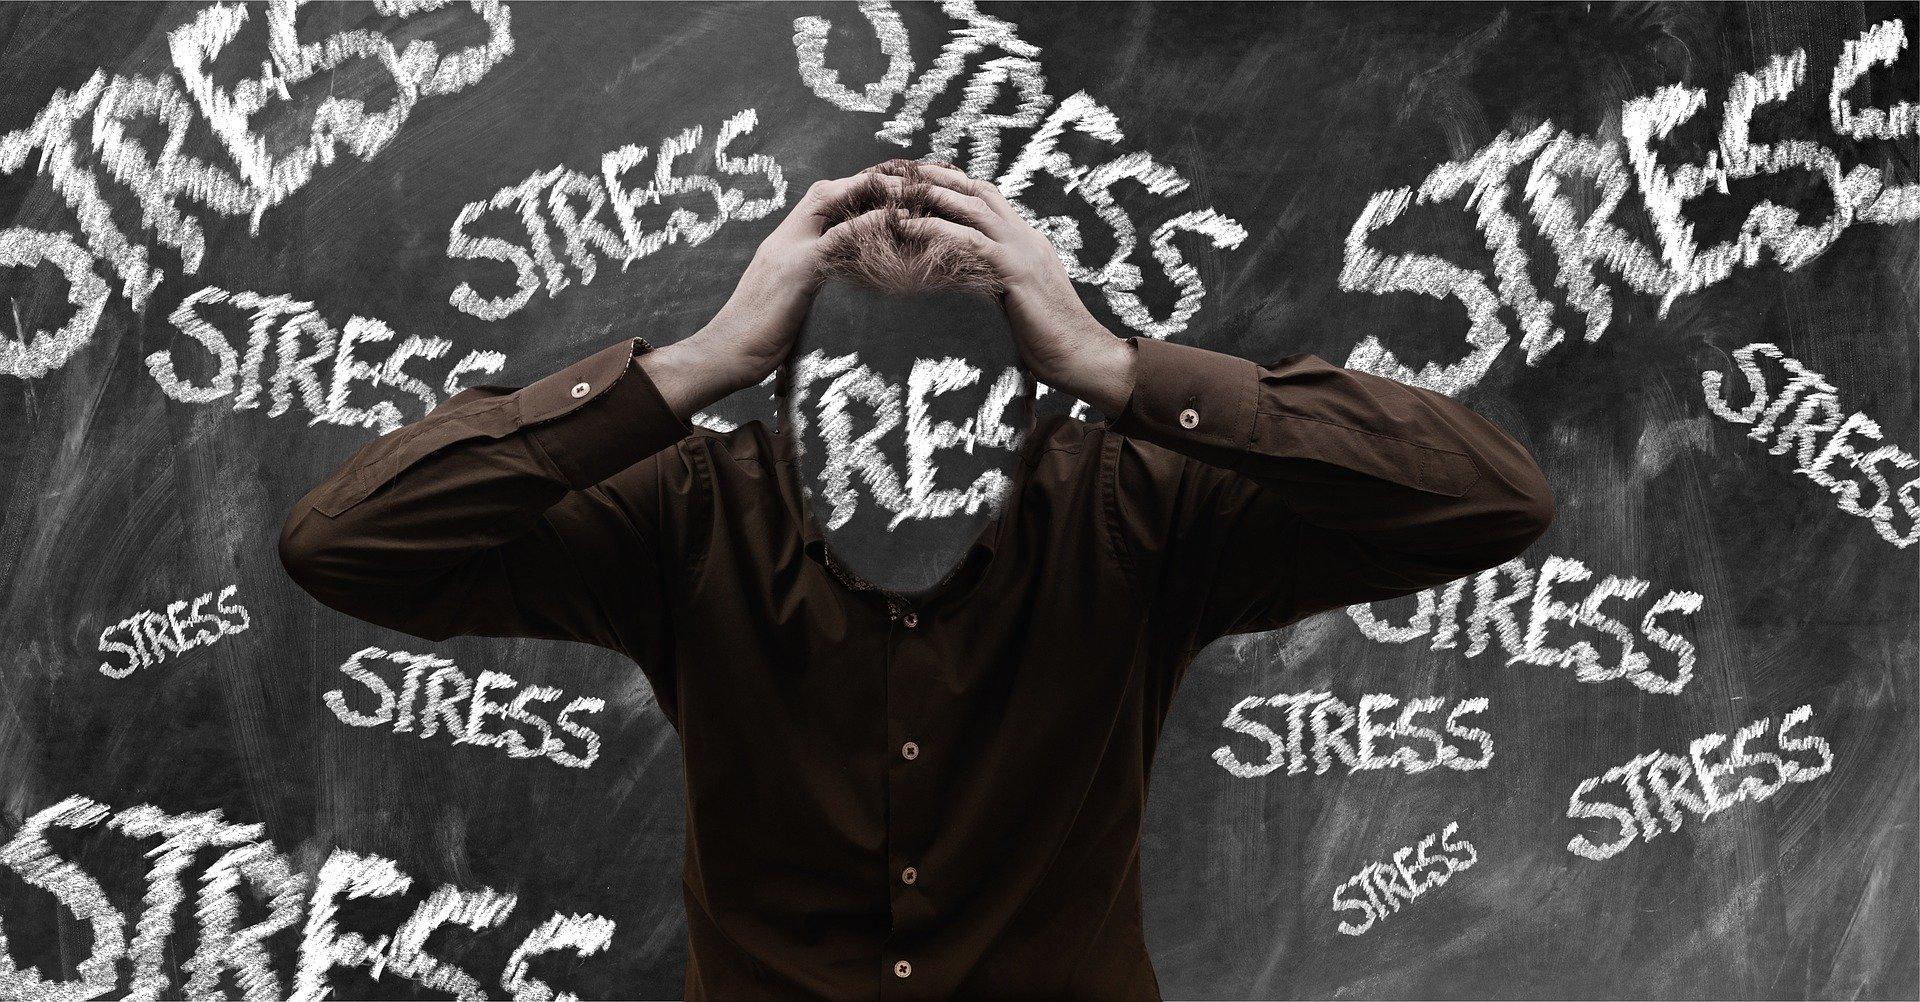 La rappresentazione dello stress